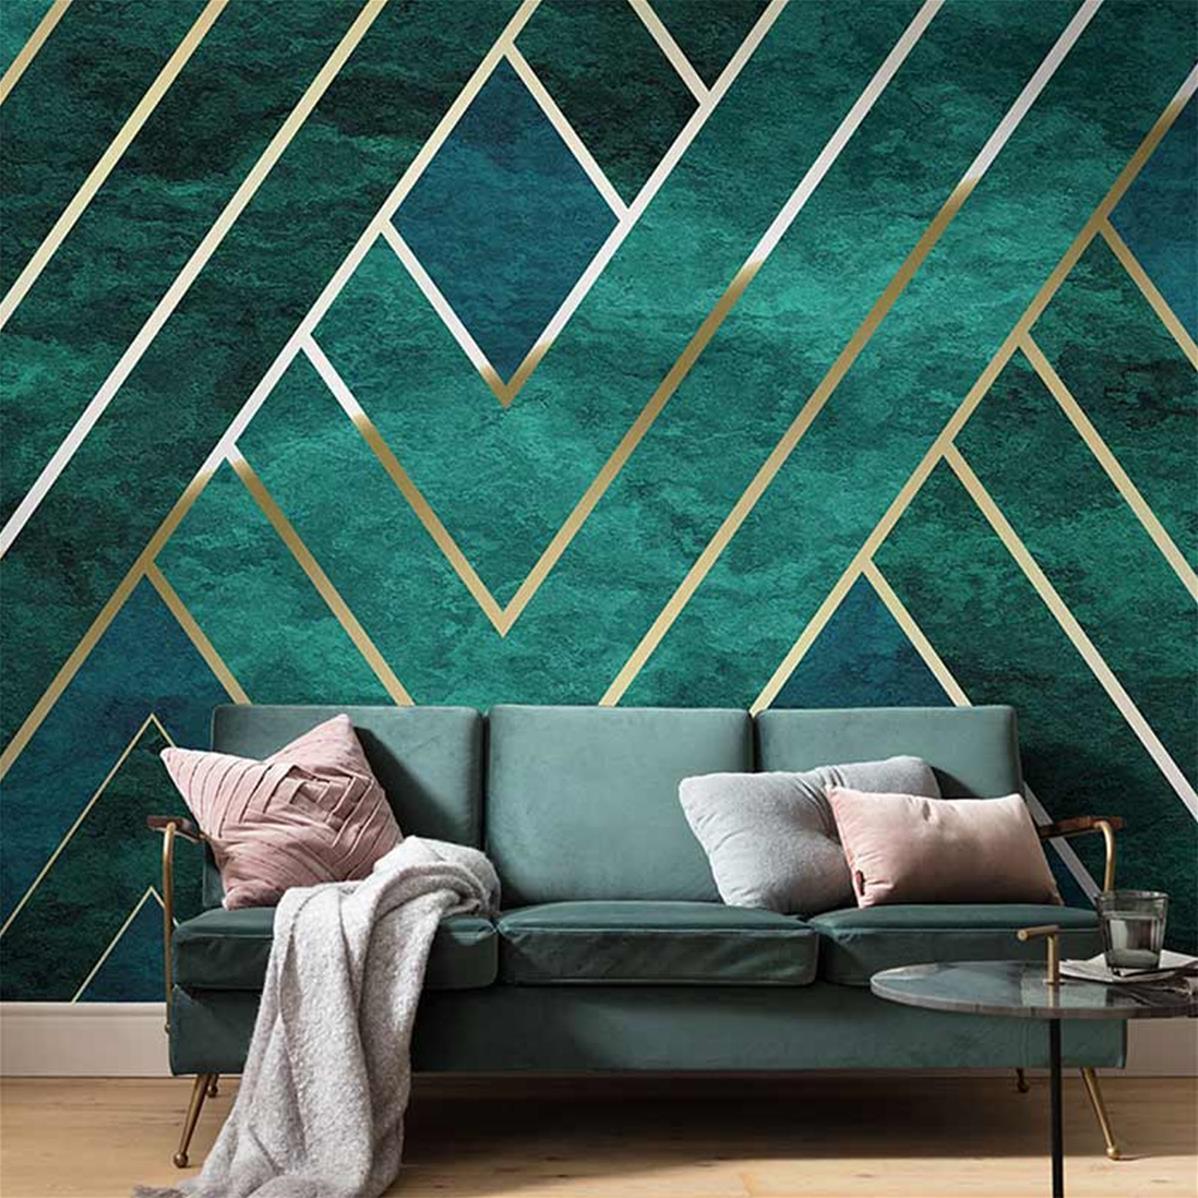 papier peint graphique vert et or artdeco 300x250